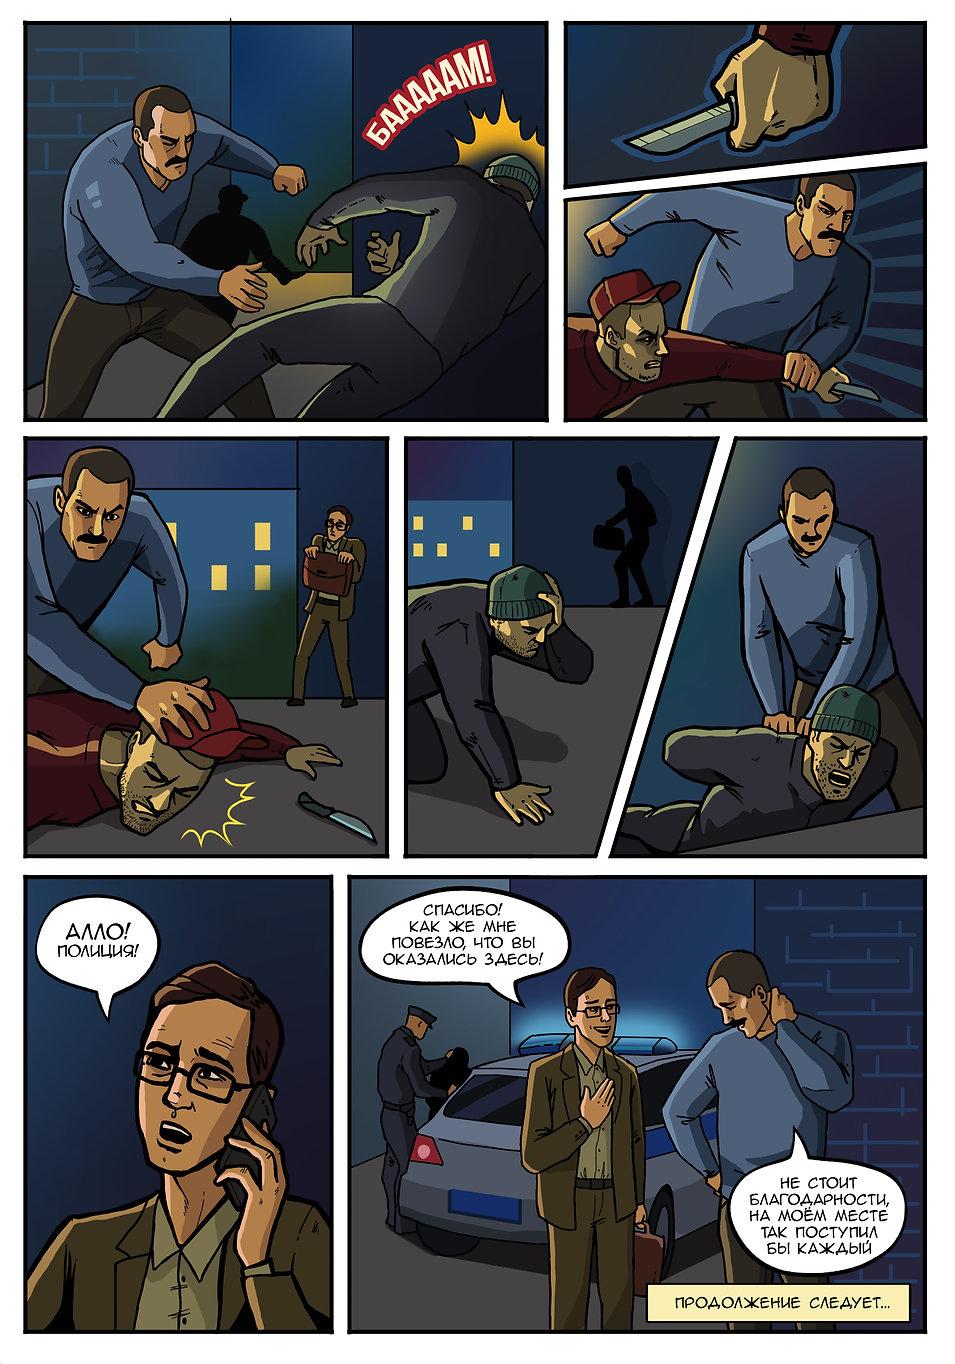 Комикс для рекламы. Такси Мастер. с6